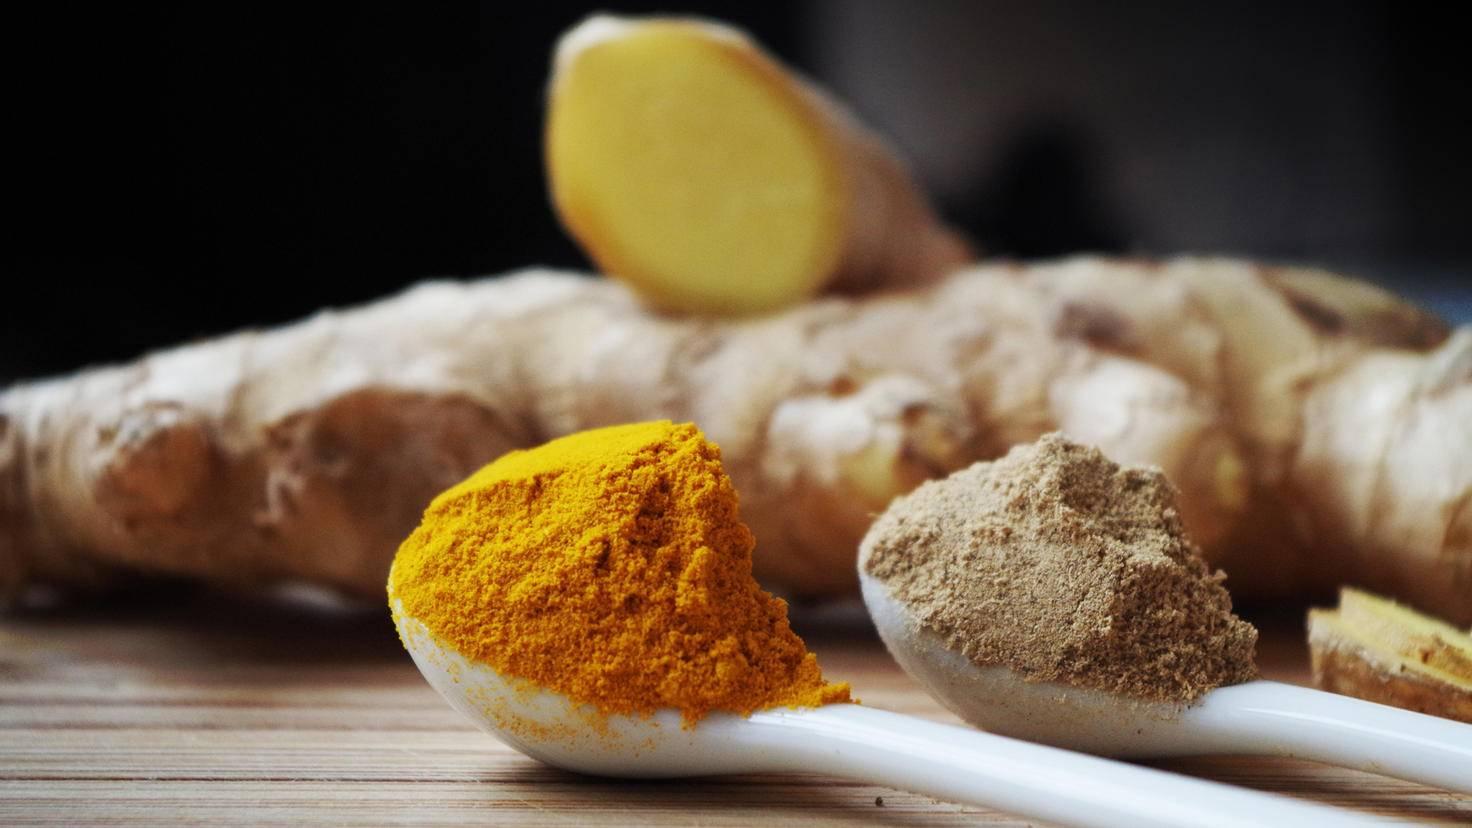 Das orangefarbene Kurkumapulver ist die Grundlage der goldenen Milch.